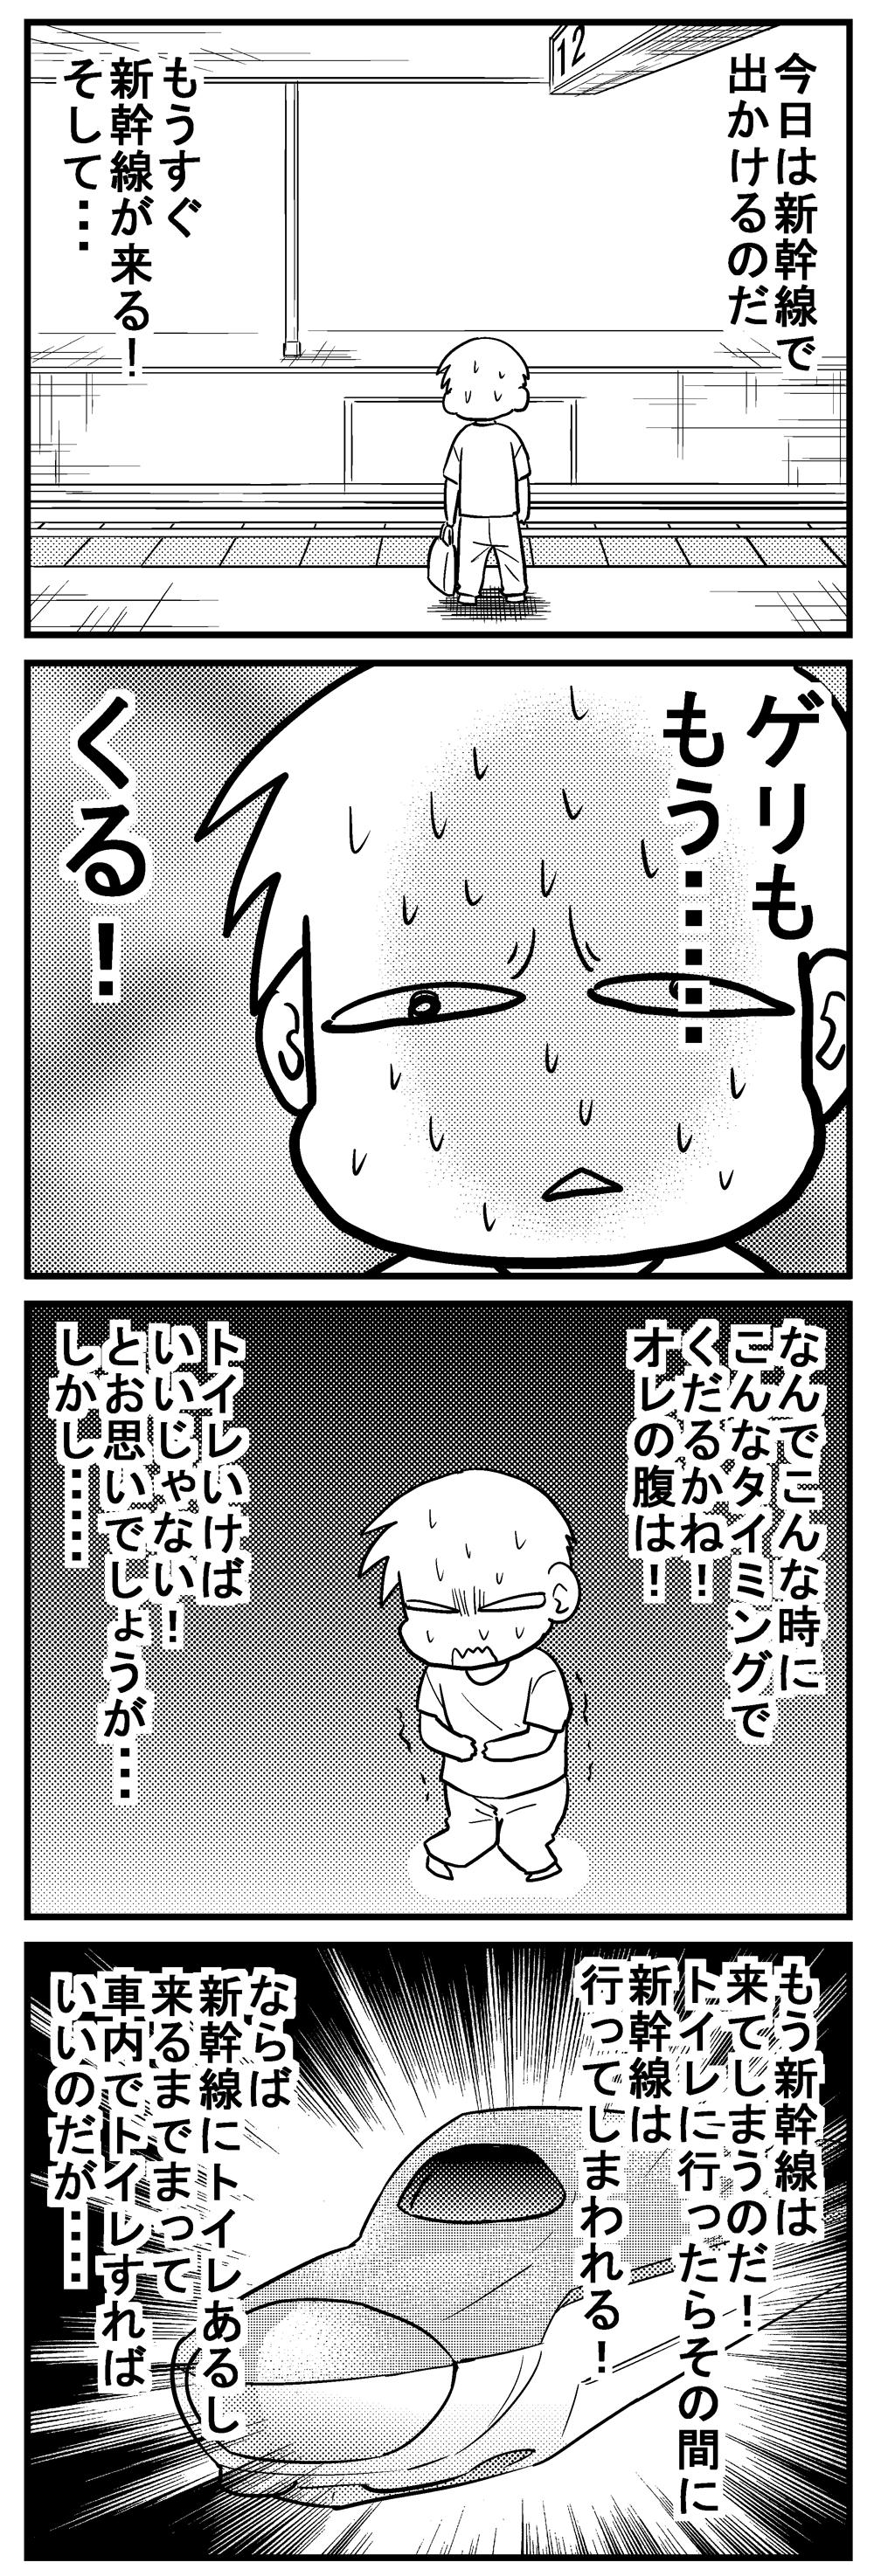 深読みくん89-1